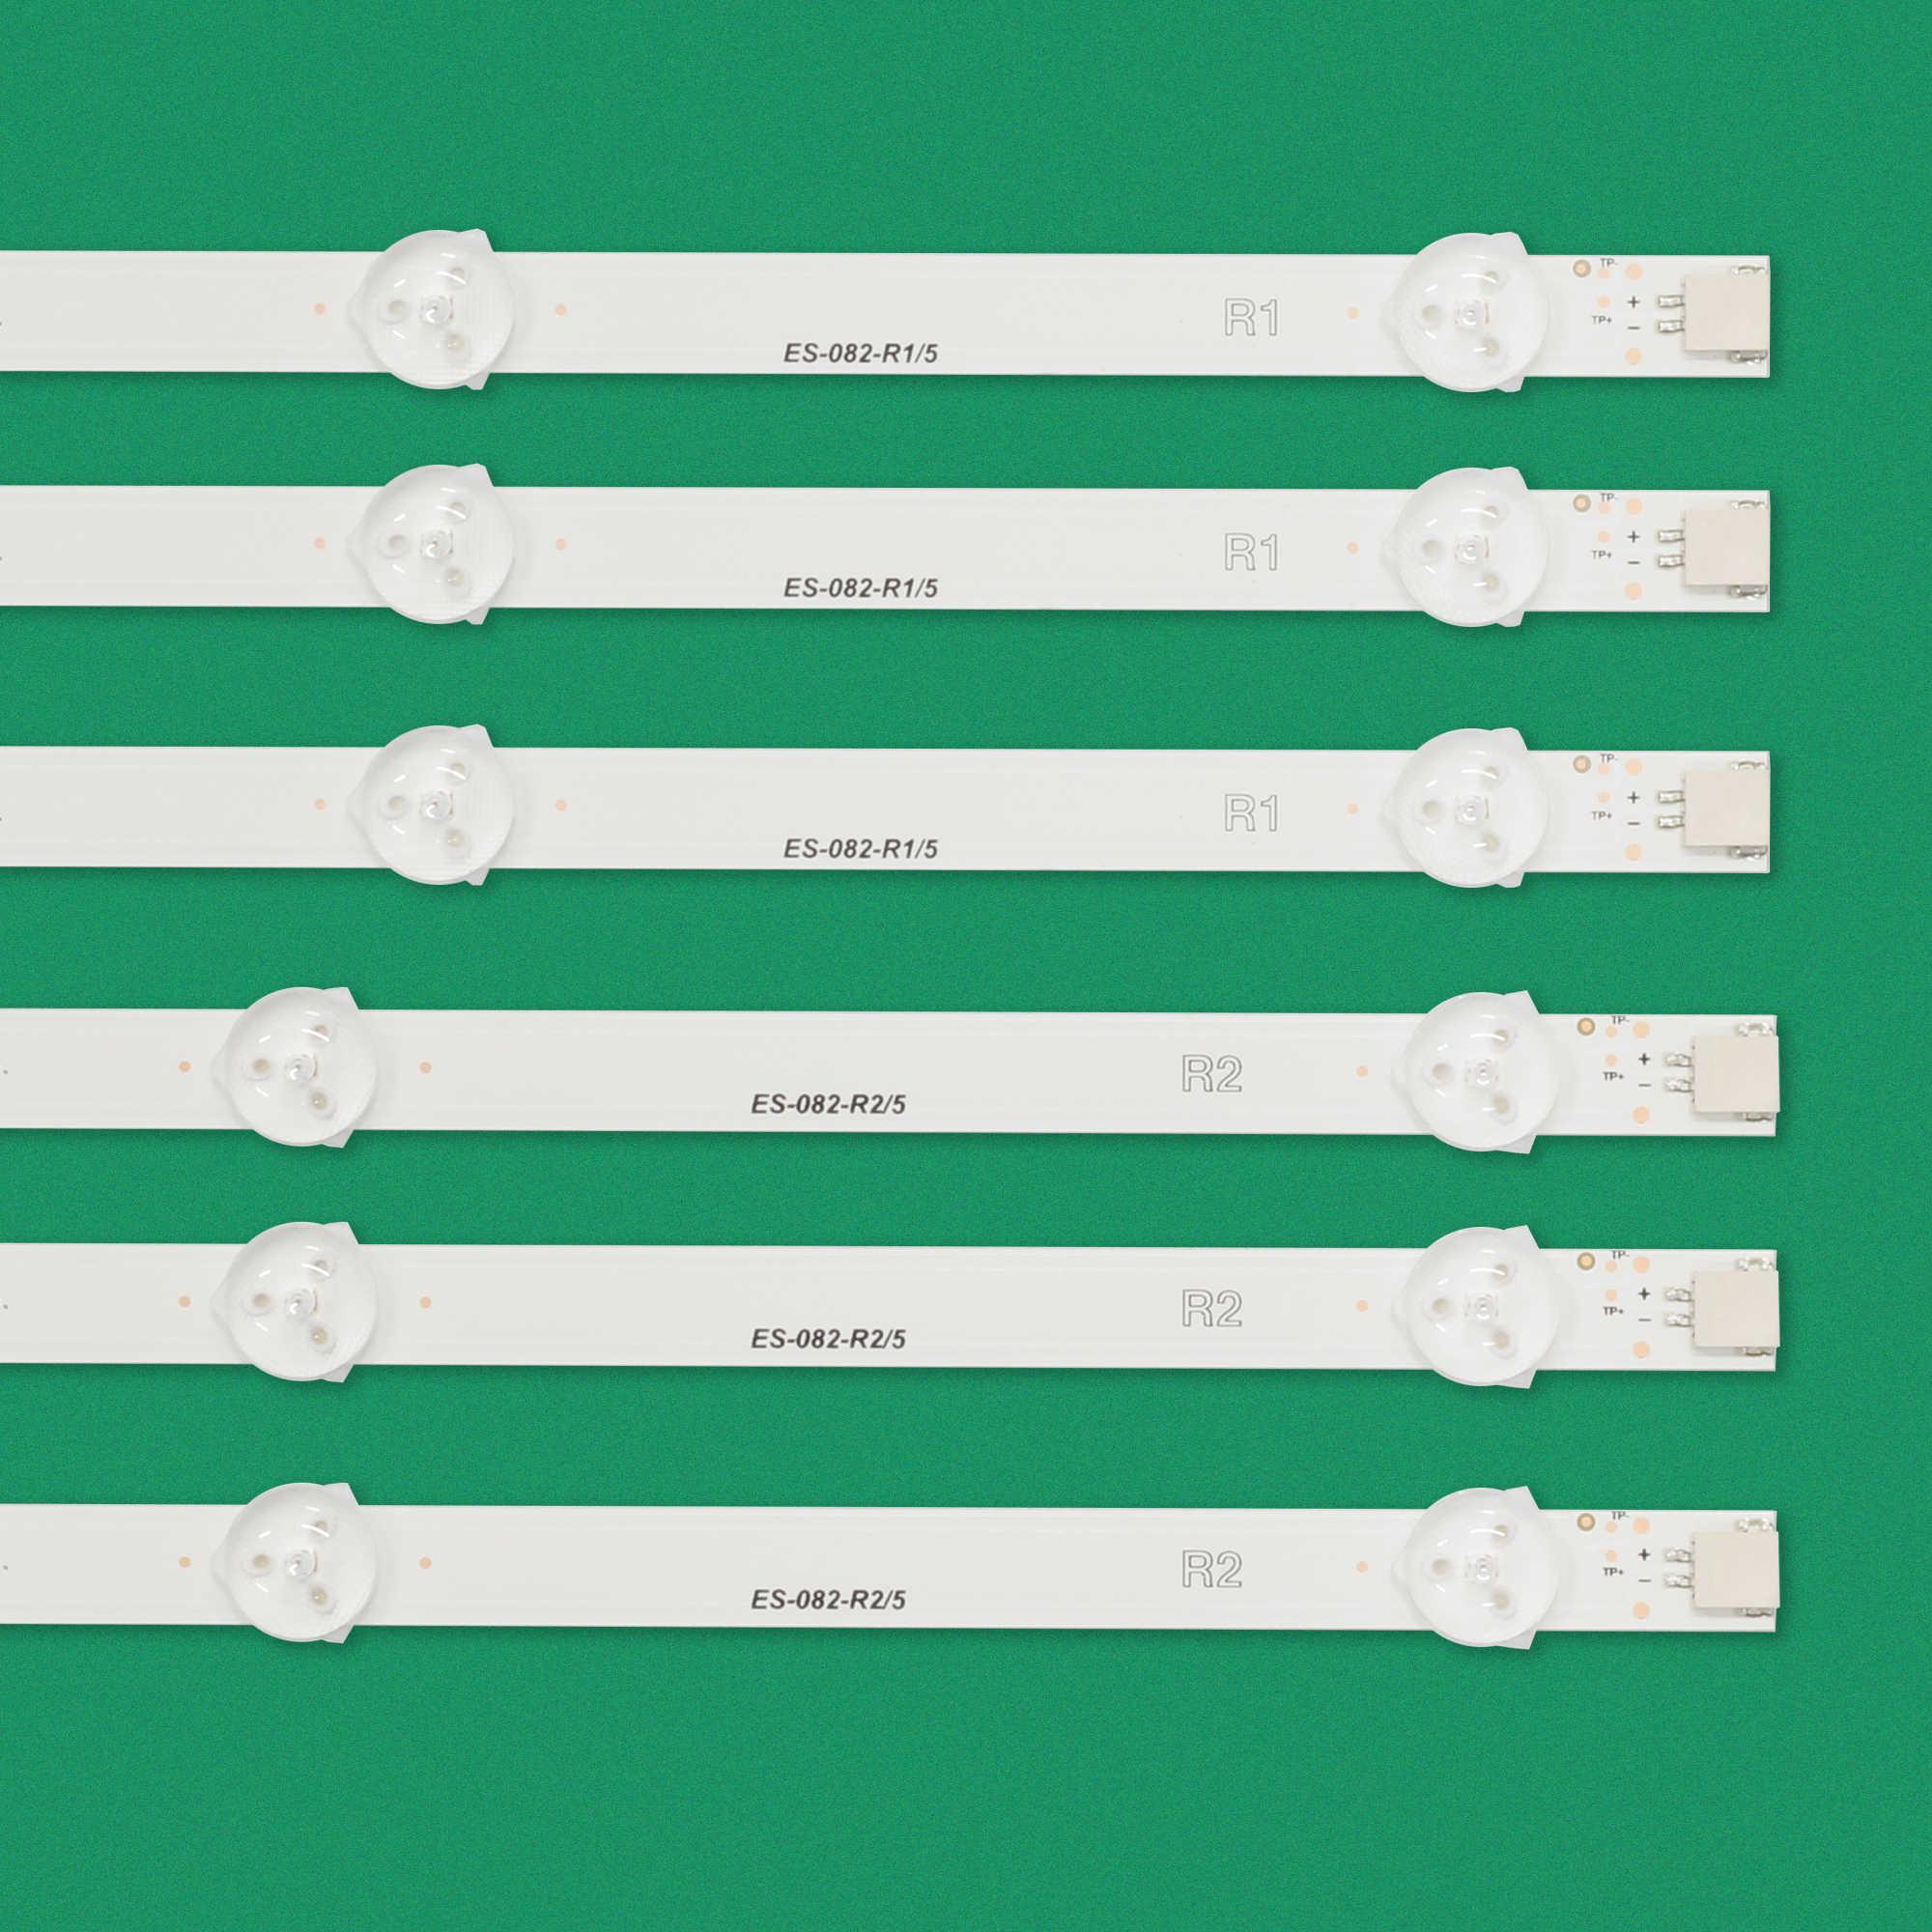 12 Pcs TV LED Bar Pengganti LG 50LN5200 50LN5400 50LN5750 50LN577S 6916L-1272A 6916L-1241A 6916L-1273A 6916L-1276A